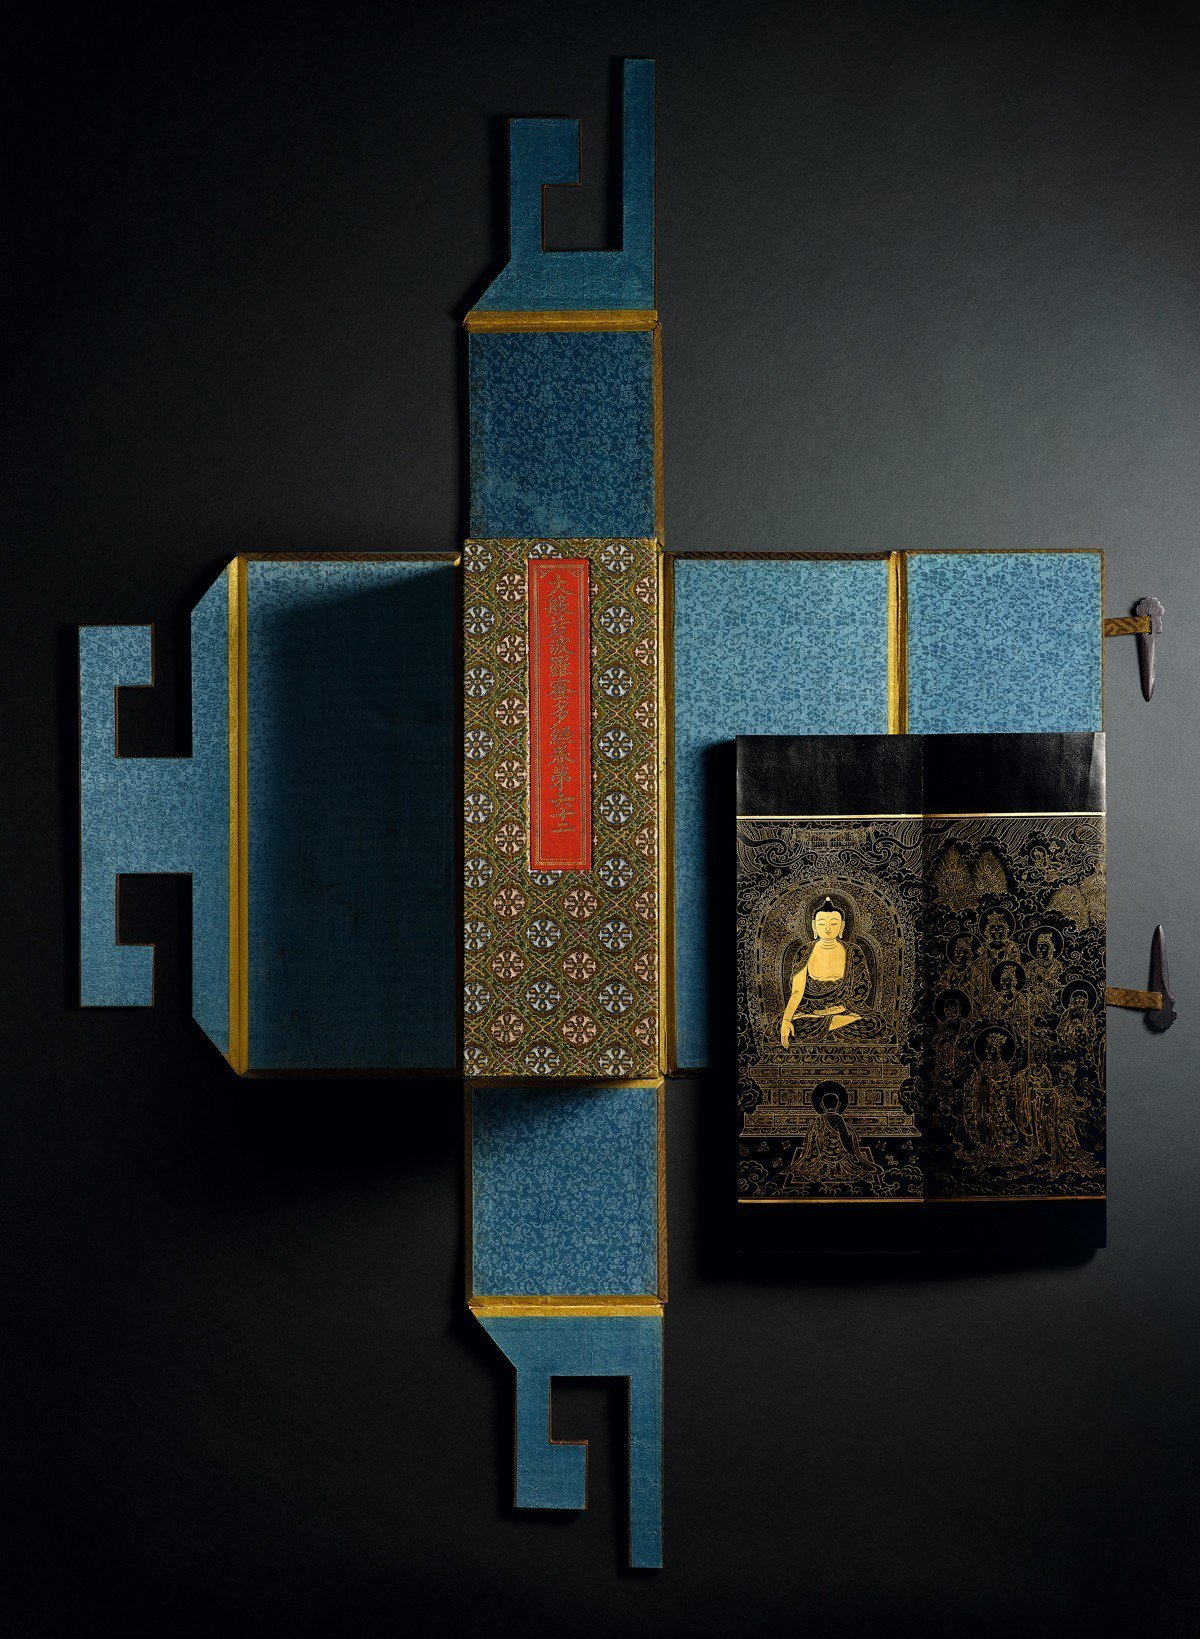 香港蘇富比中國藝術珍品拍賣會4月2日至3日 雜誌 聯合新聞網